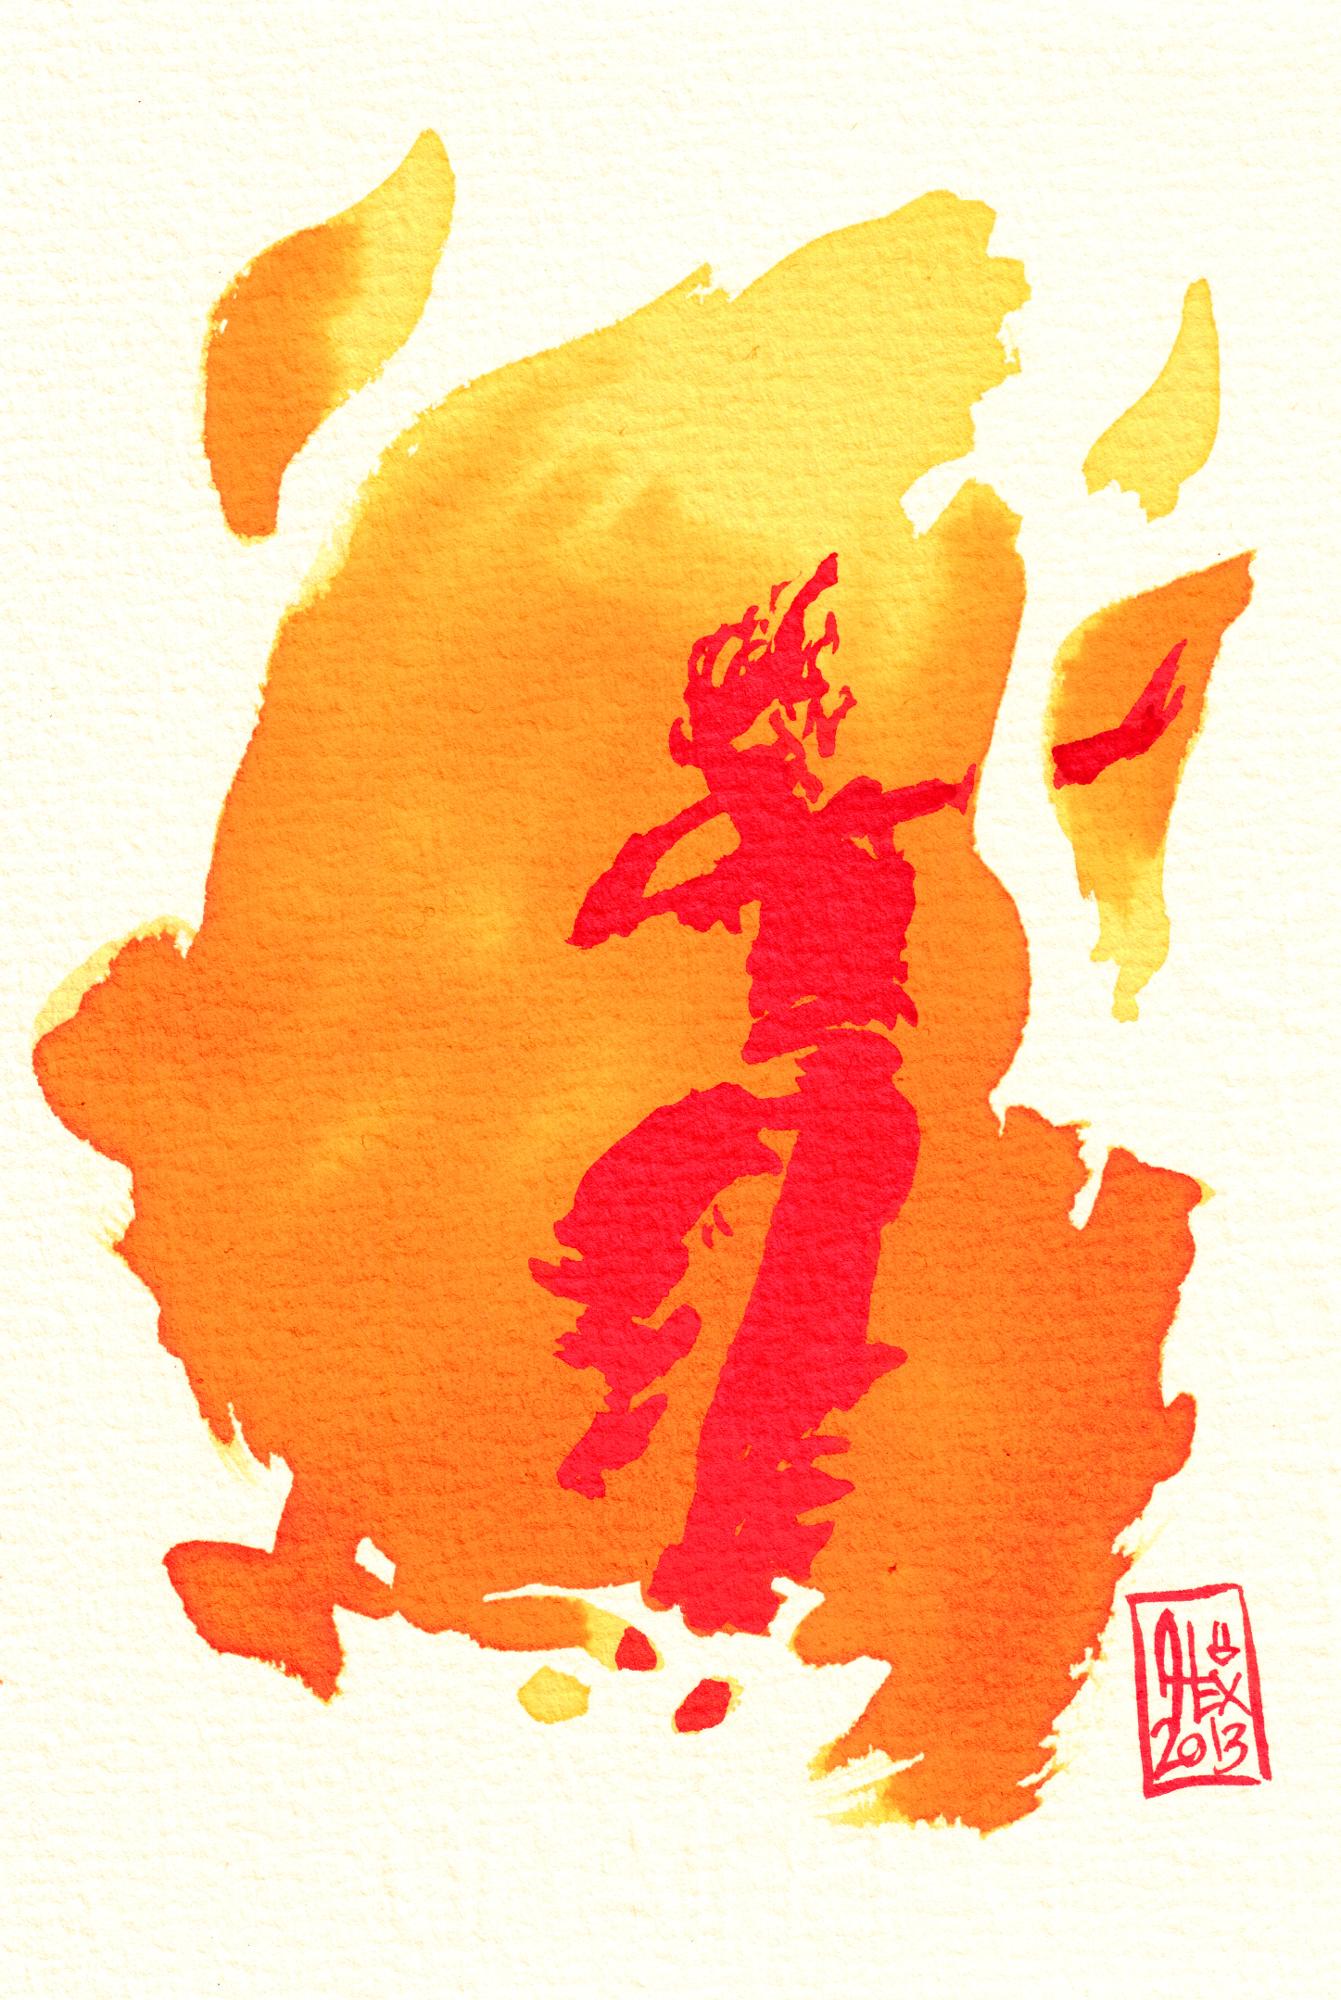 Encres : Capoeira – 349 [ #capoeira #watercolor #illustration]